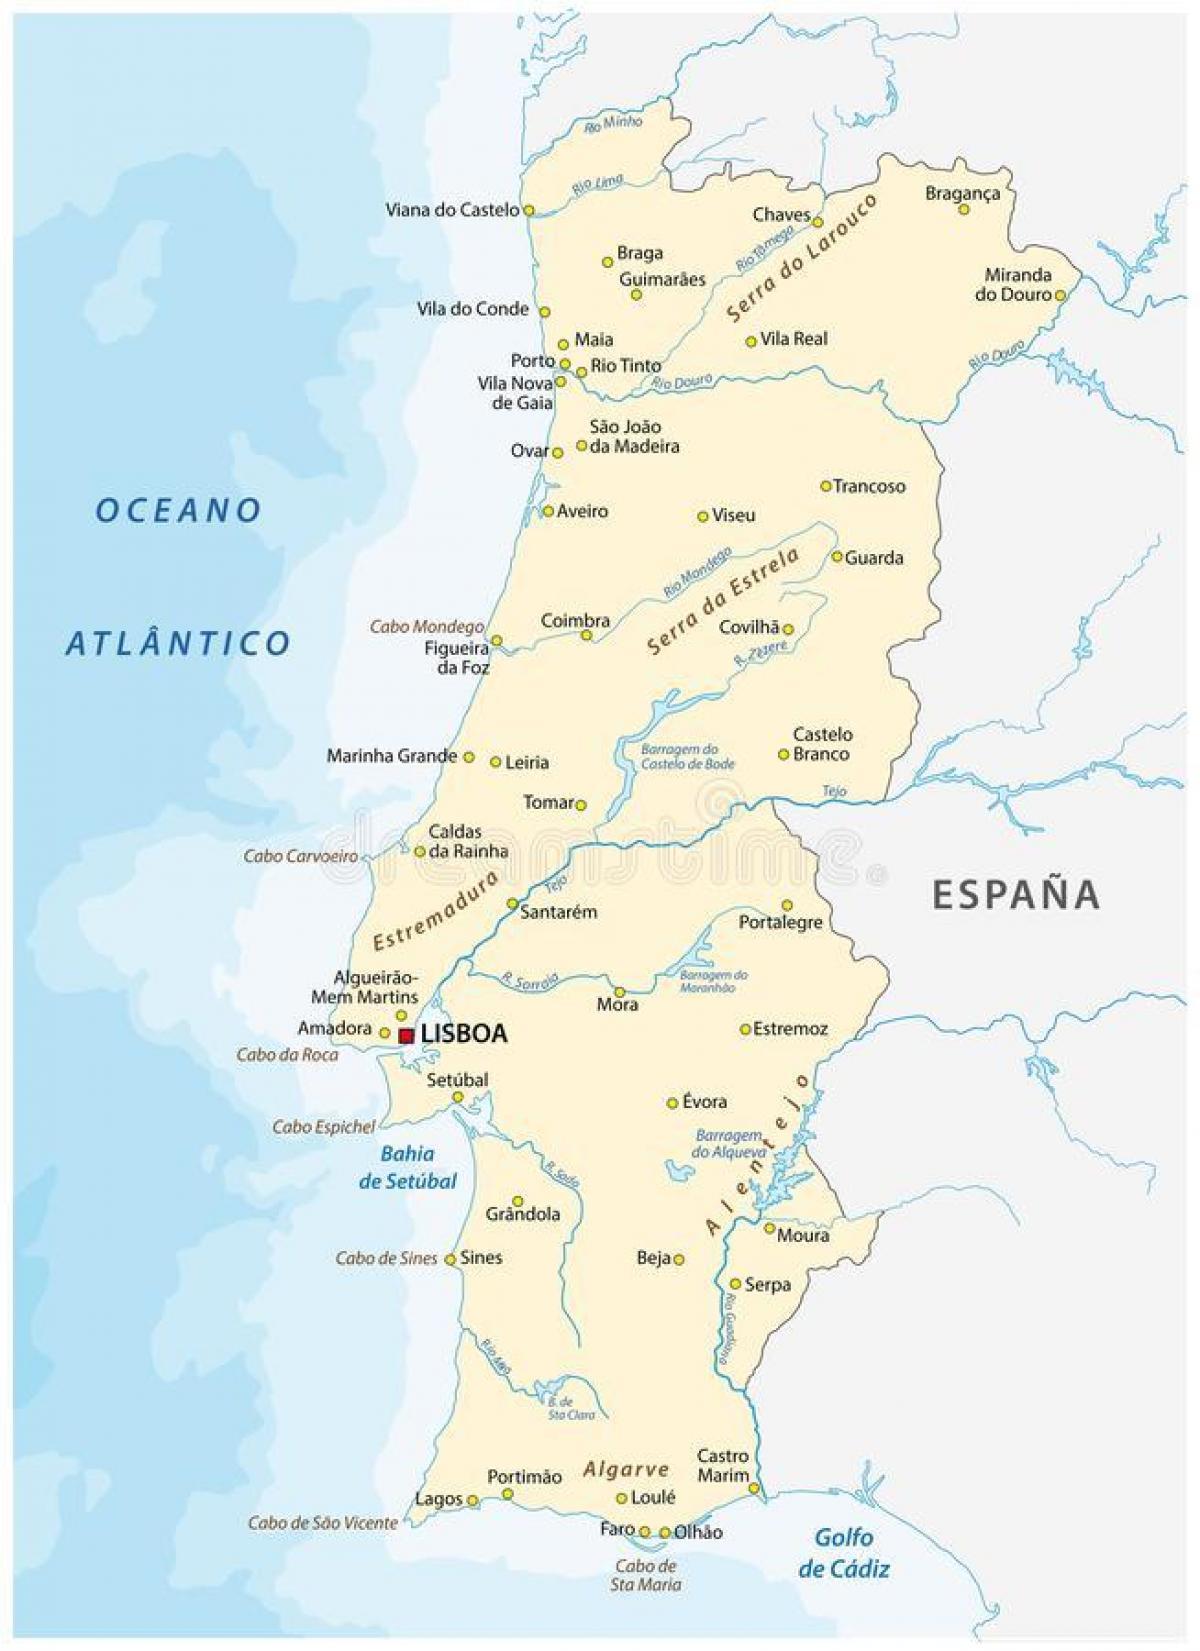 Fluss In Portugal portugal flüsse karte portugal fluss karte europa süd europa